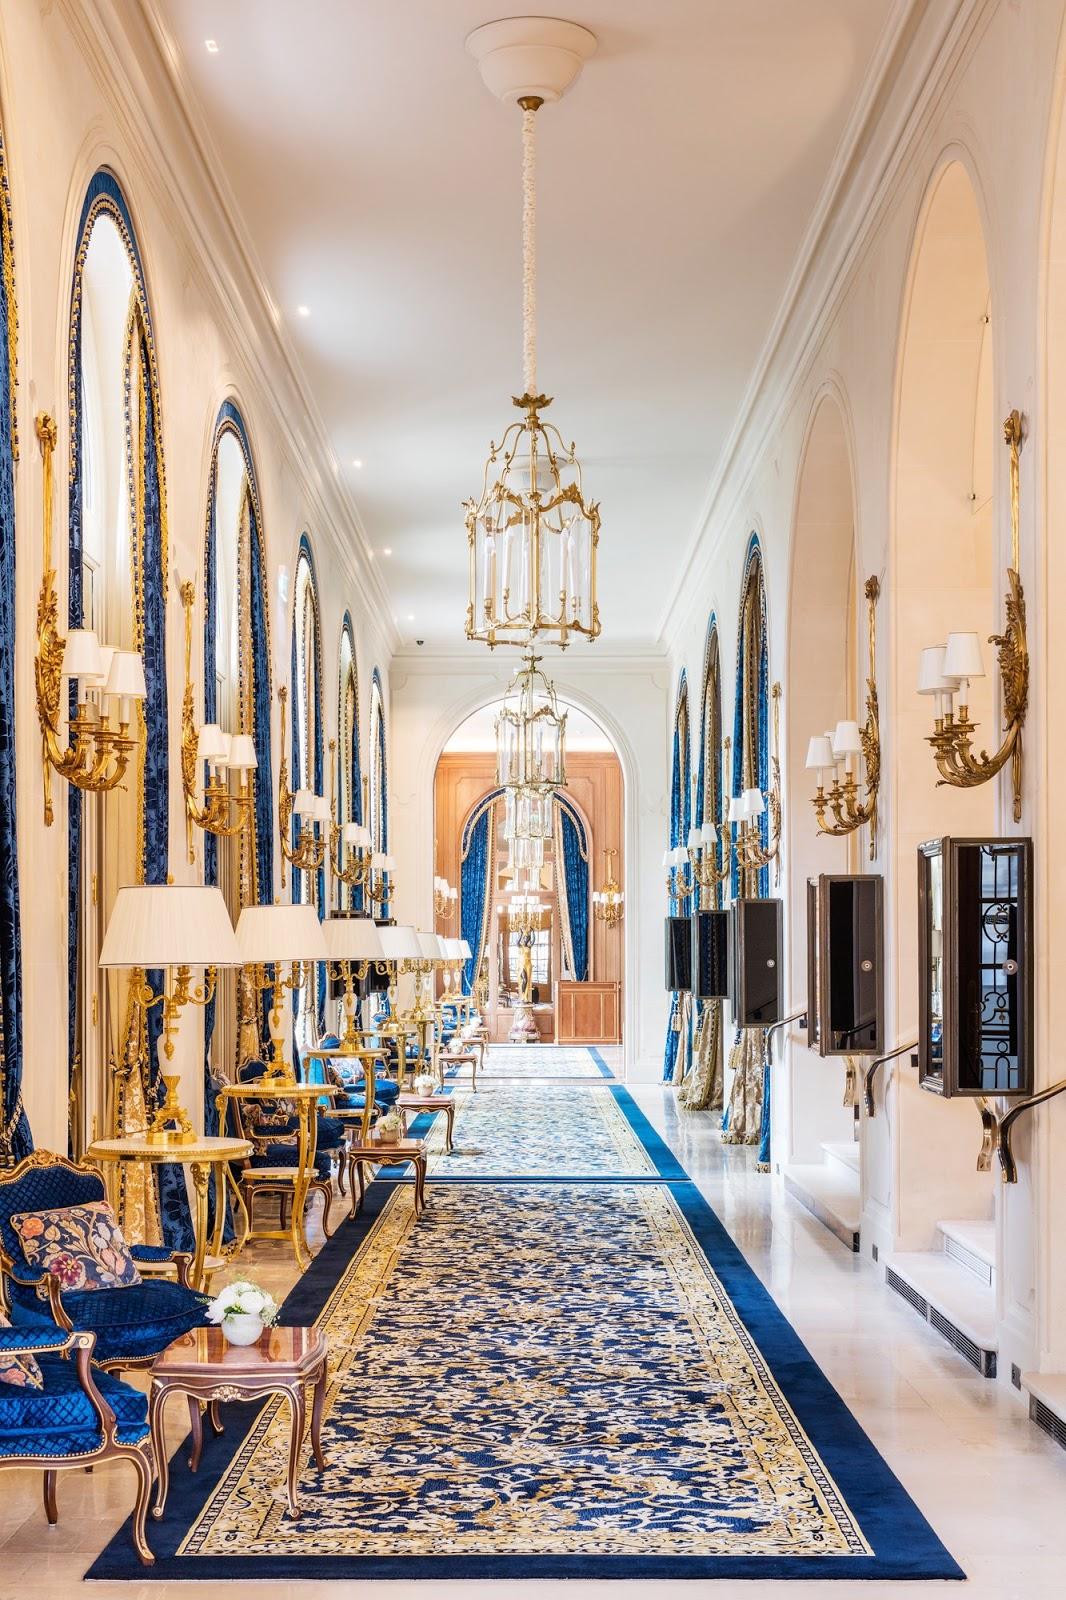 Glamorous Spaces : The Ritz Paris Hotel on Place Vendôme, Paris | Cool Chic Style Fashion